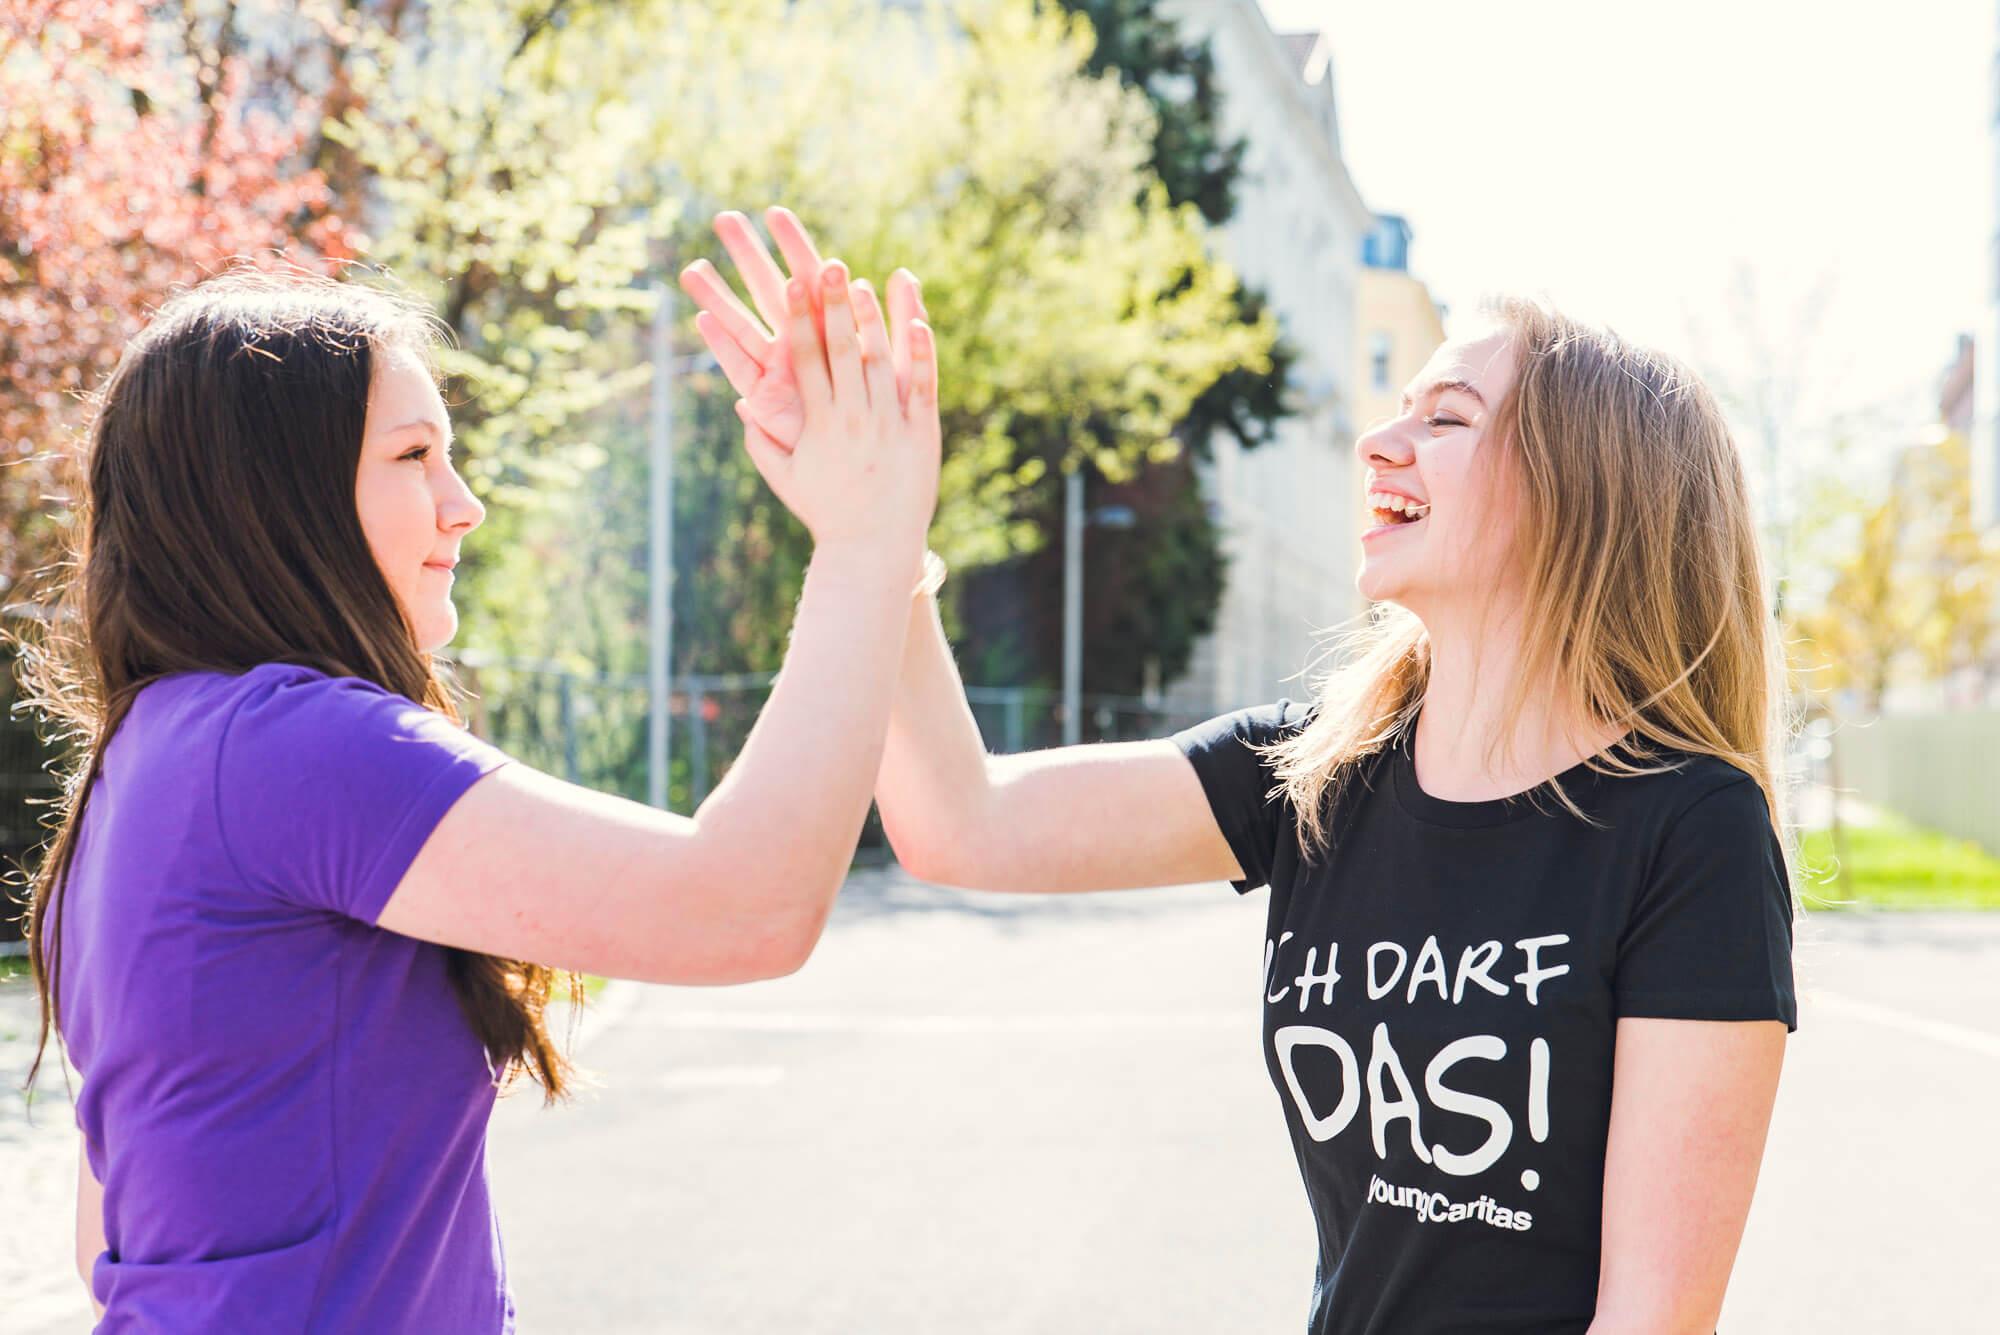 2 Jugendliche schlagen mit ihren Händen ein.